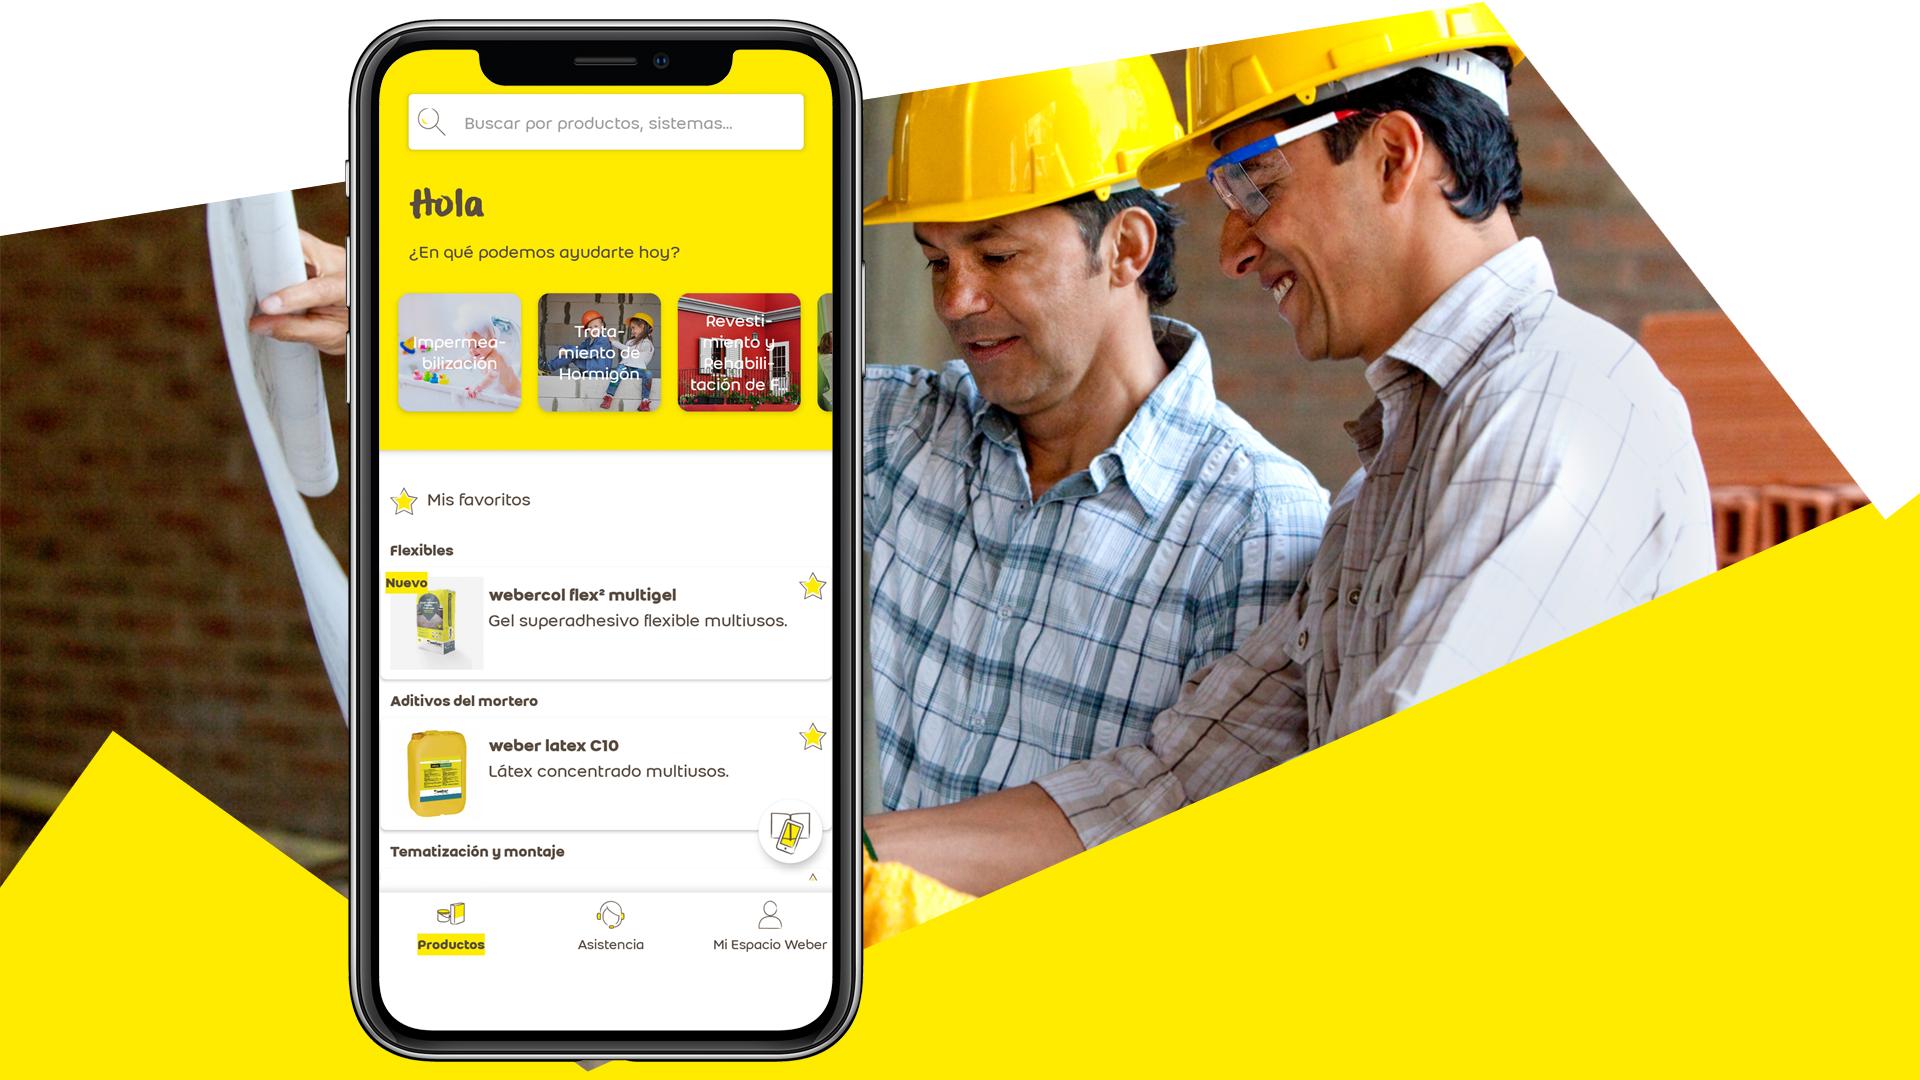 Nueva aplicación WeberApp para smartphones y tabletas